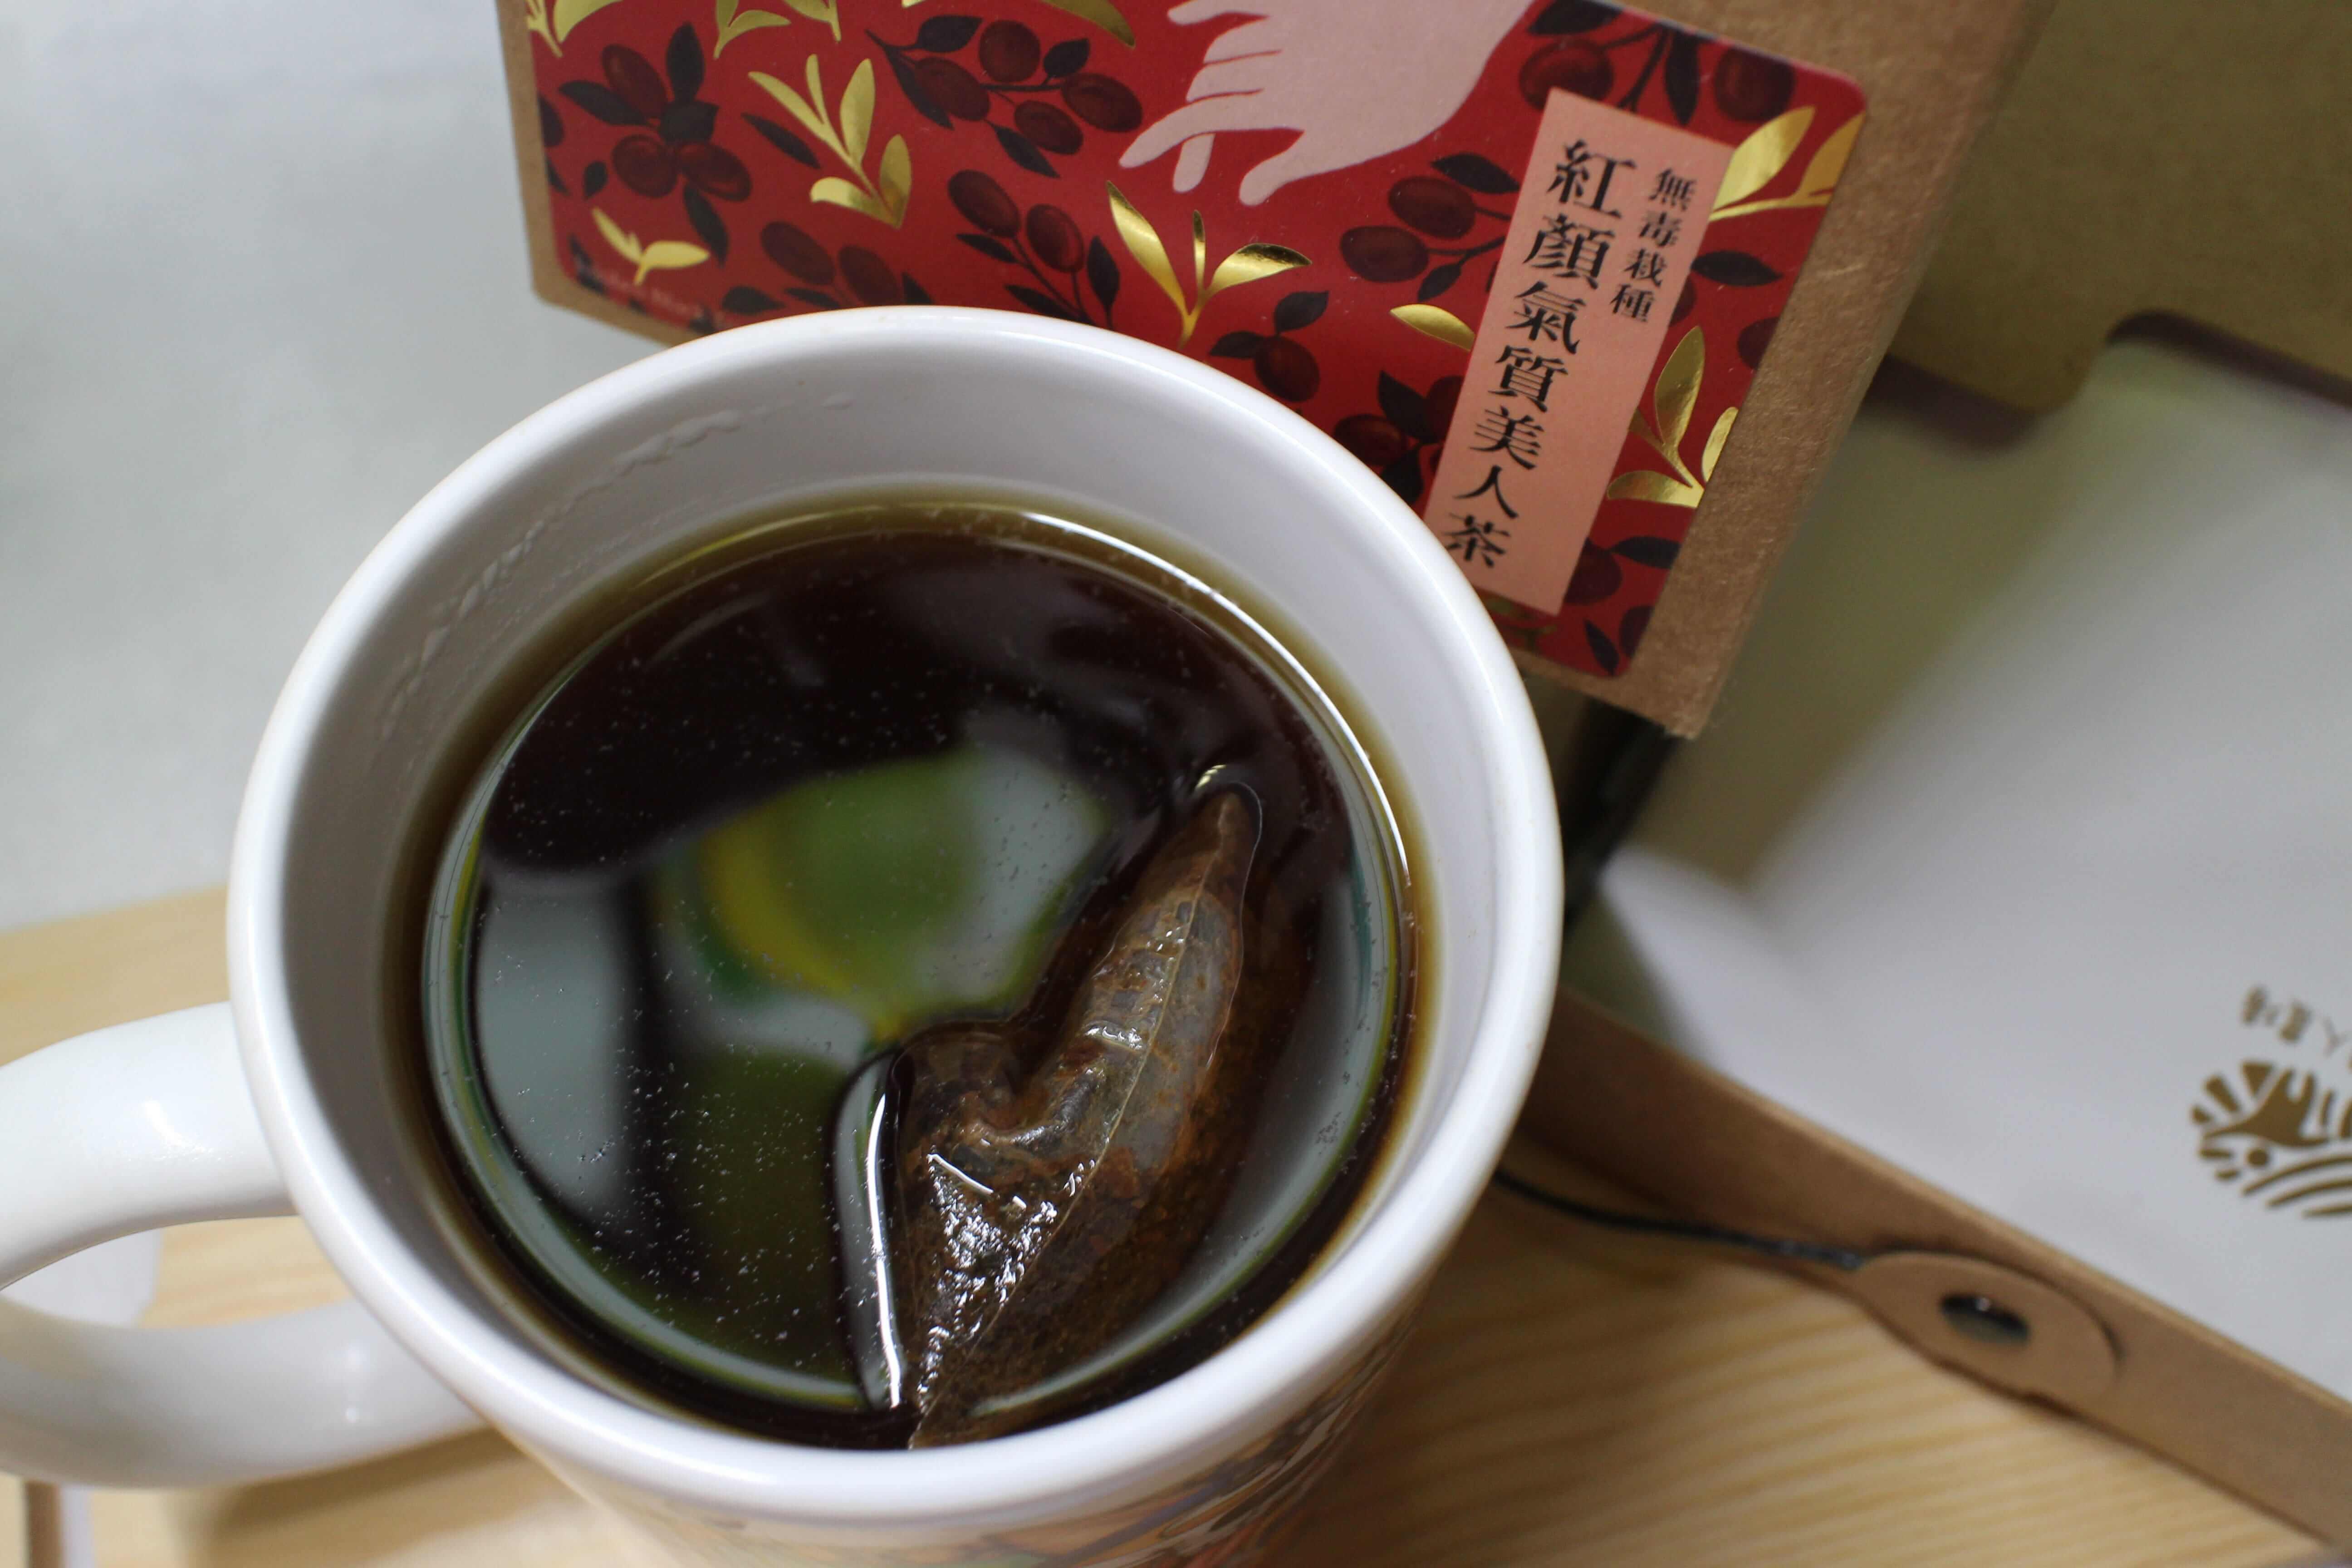 梁山水泊茶包-有機三角茶包推薦:有機黑豆茶、紅顏氣質美人茶(蜜香紅茶) @秤瓶樂遊遊